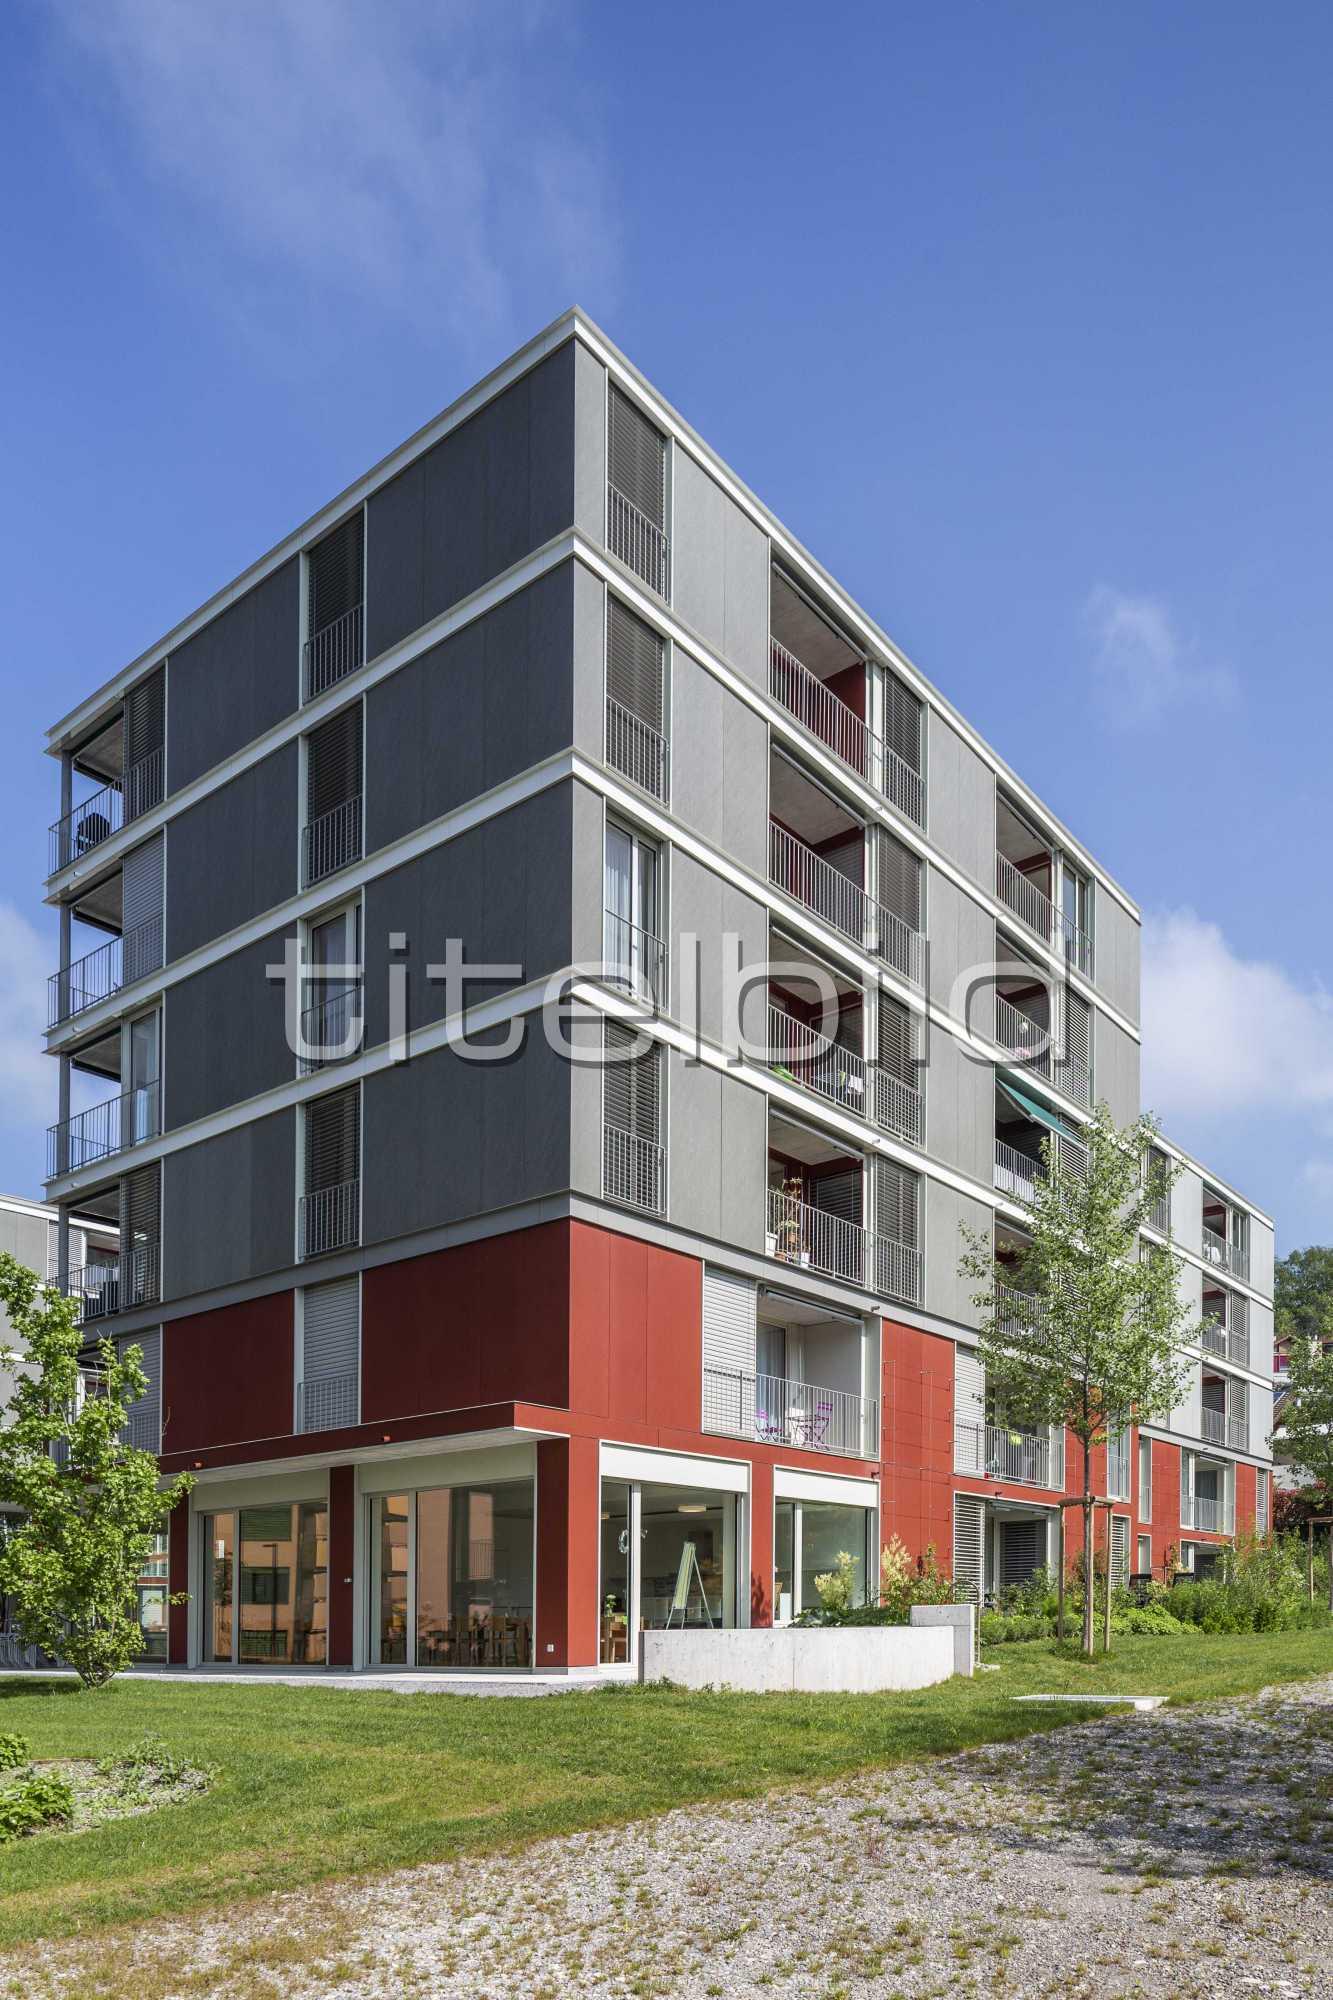 Projektbild-Nr. 9: Wohnüberbauung Sulperg 2